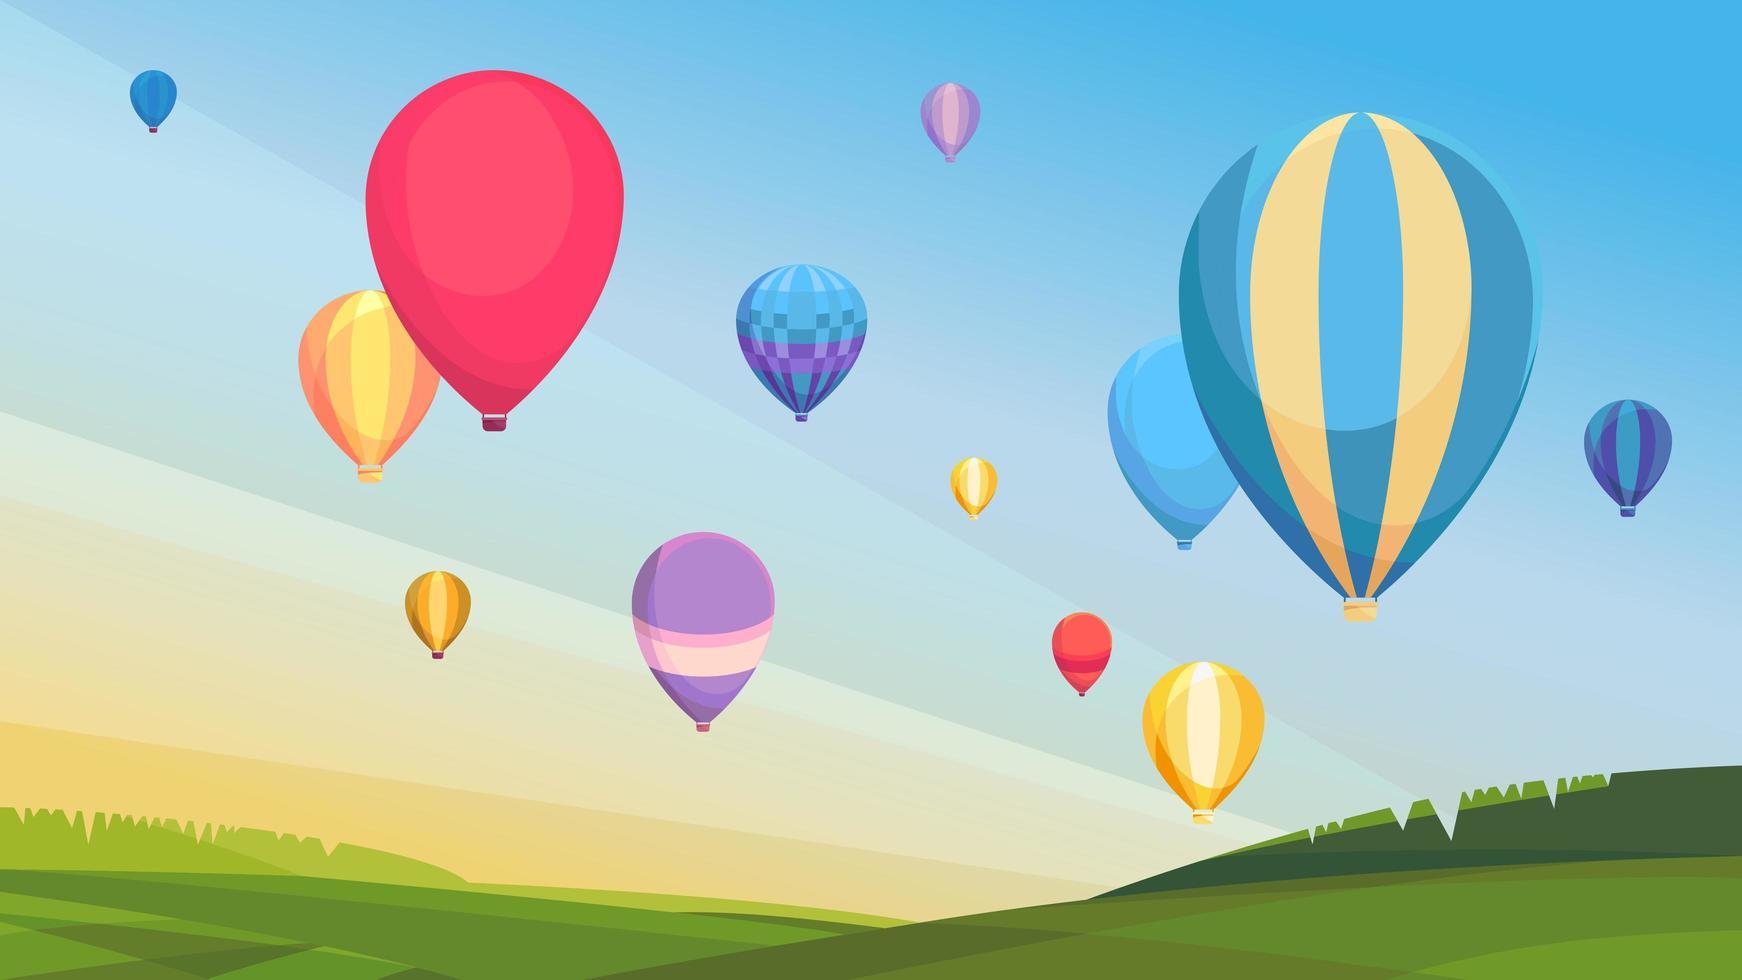 aglomerado de balões de ar quente. vetor